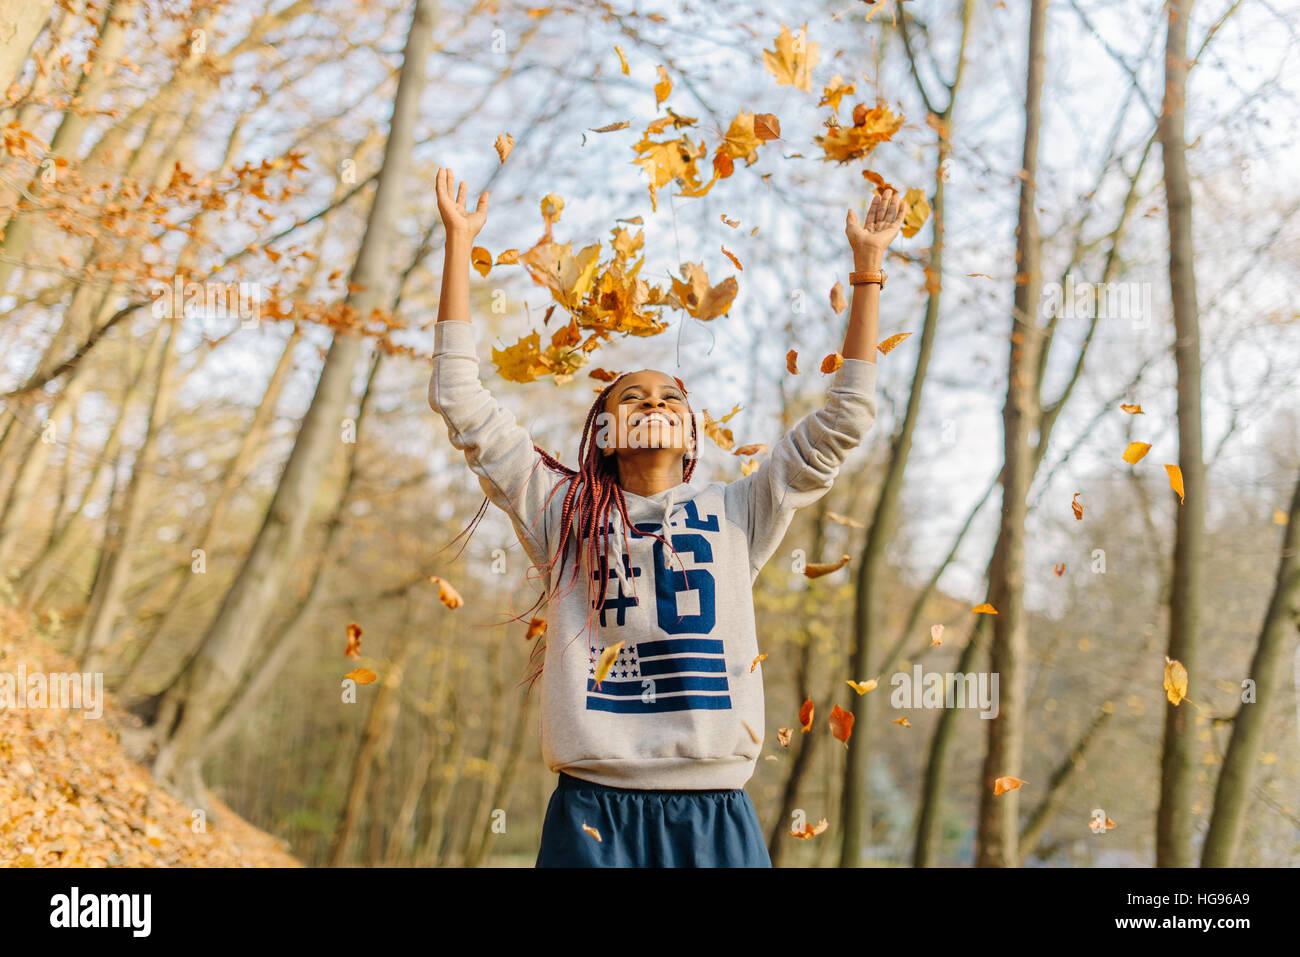 Afrikanische Mädchen spielen mit Bündel von Blättern, warmer Herbsttag im Park genießen. Viel Stockbild